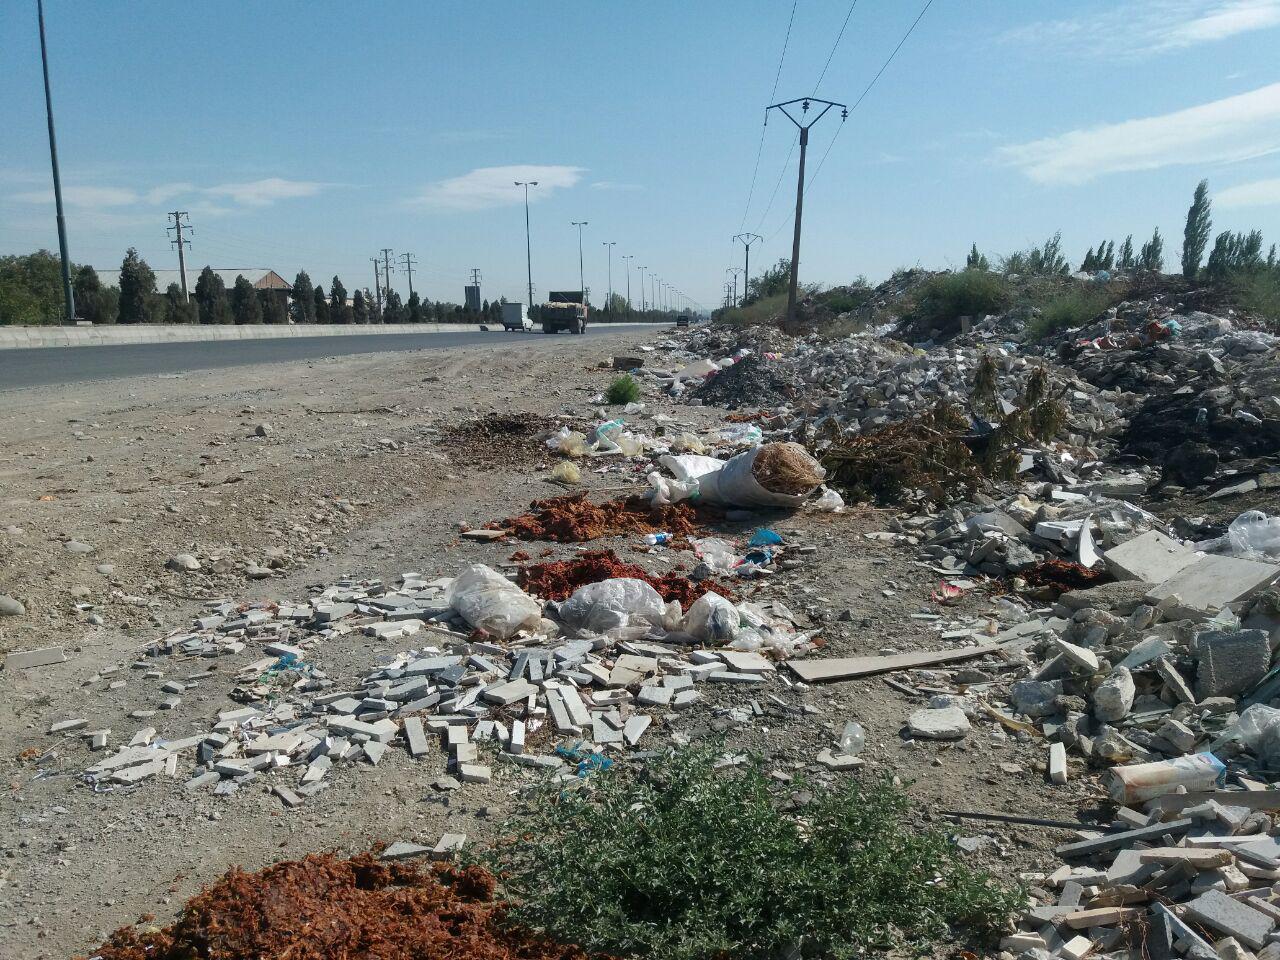 فرهنگ نریختن زباله به فراموشی سپرده شد